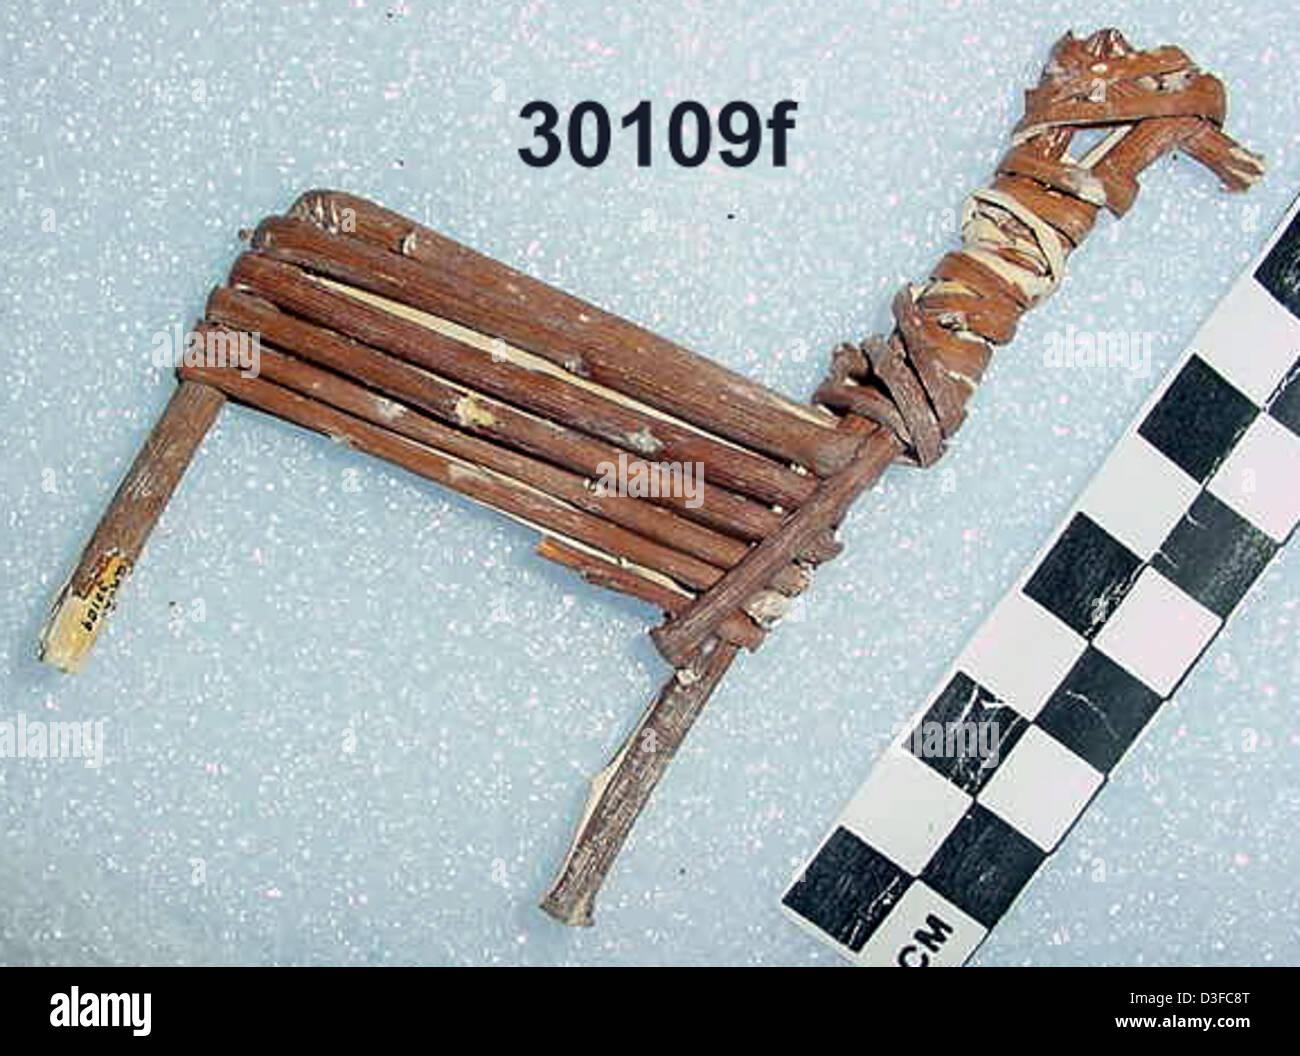 Split-Twig Figurine GRCA_30109f - Stock Image